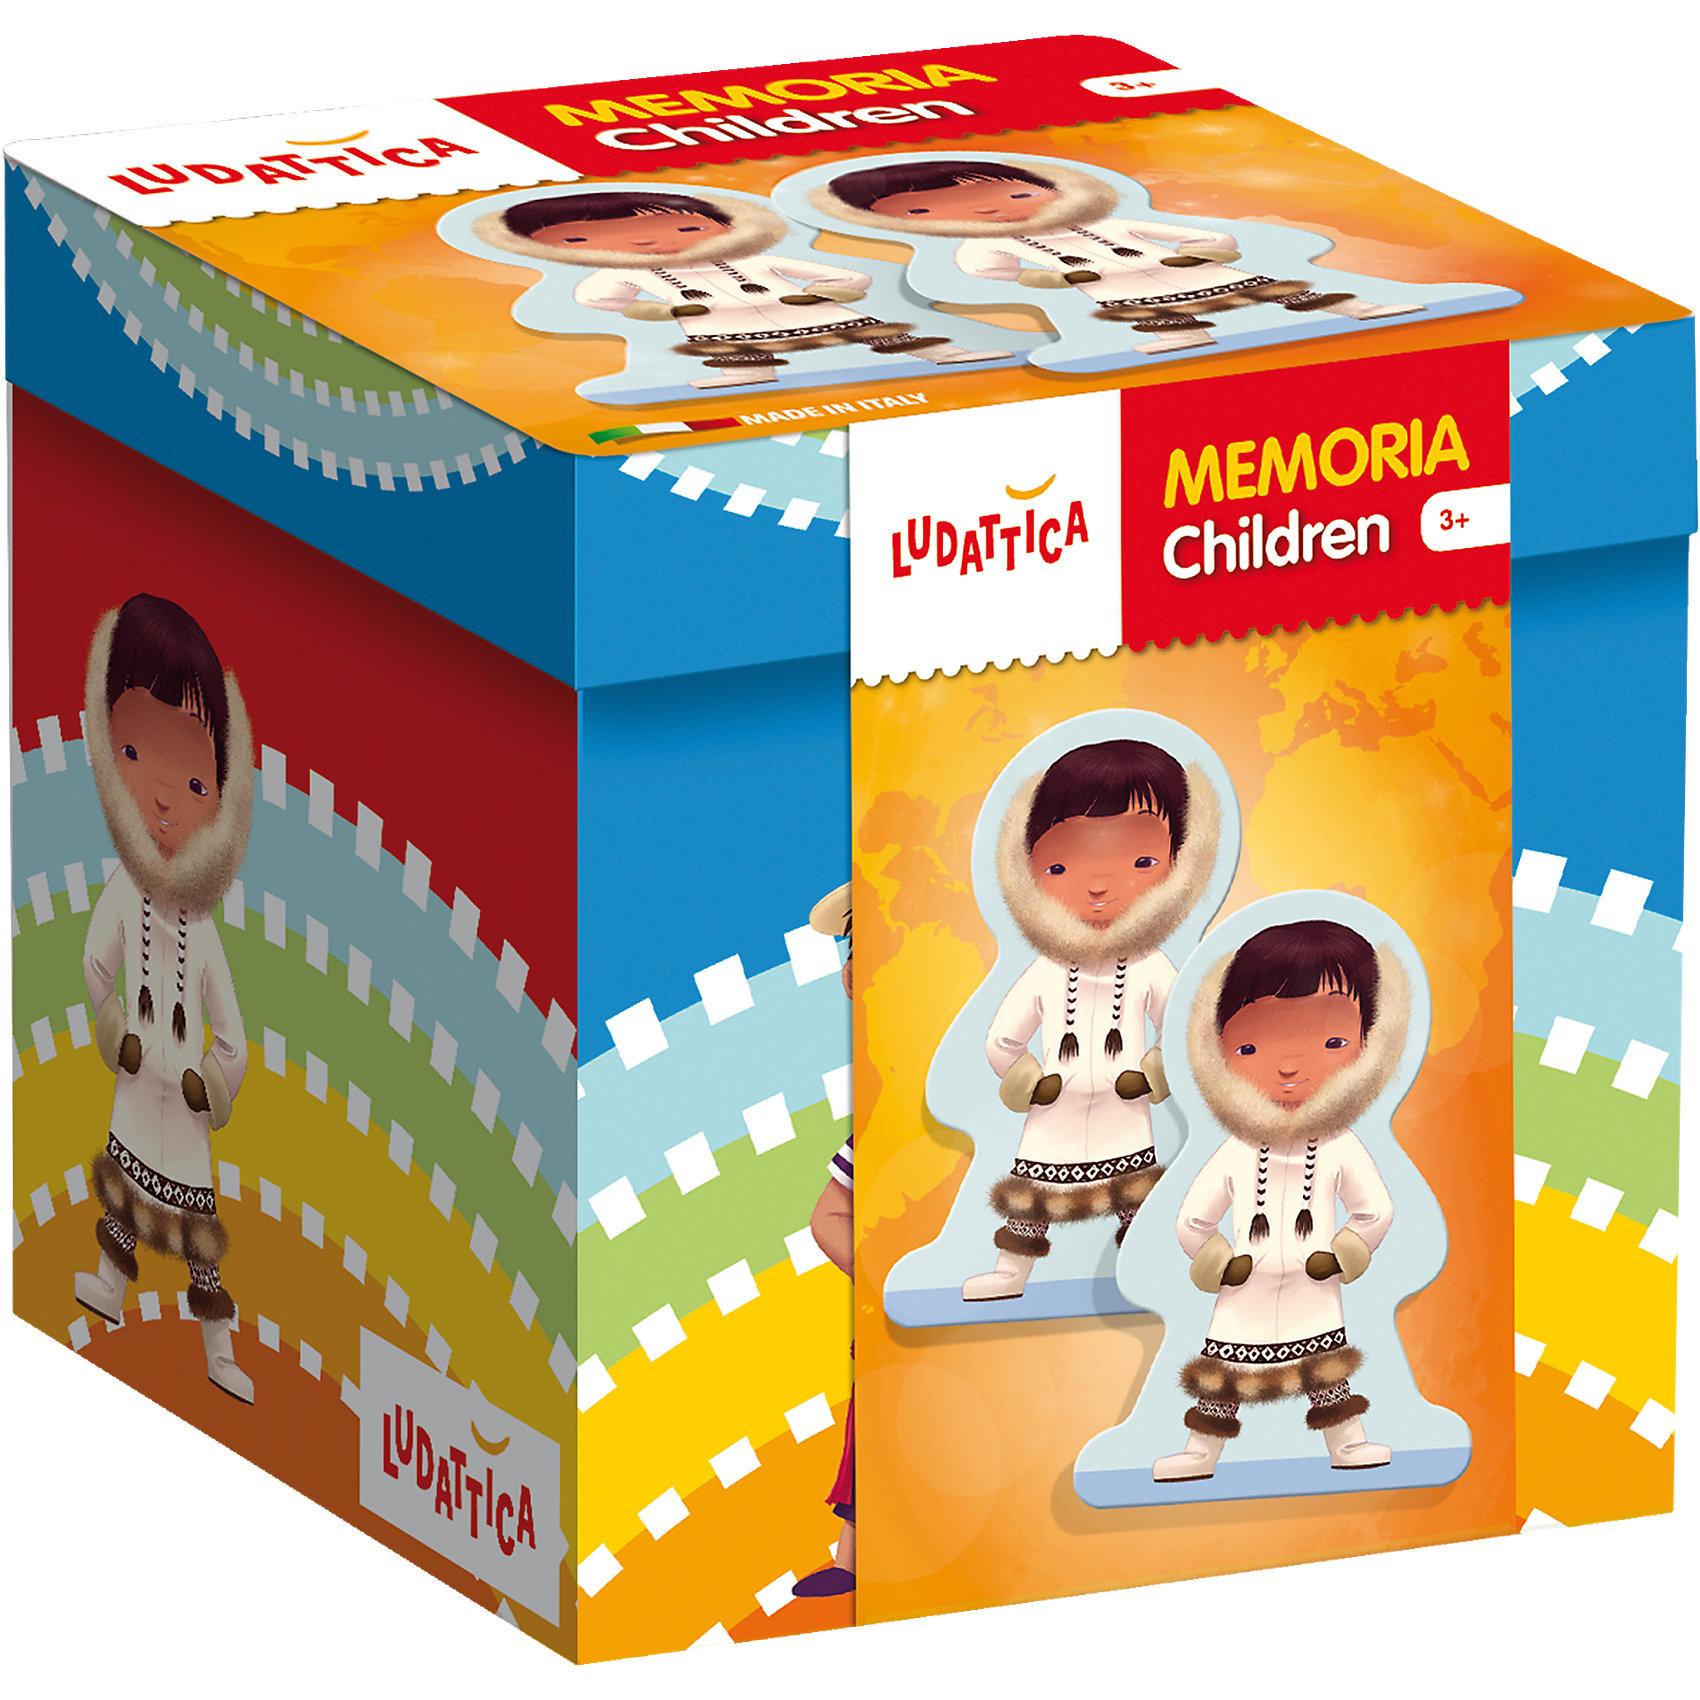 LUDATTICA Игра-мемори  «ДЕТИ ПЛАНЕТЫ»Игры мемо<br>Игра на развитие памяти. Комплект содержит 40 прекрасно иллюстрированных крупных карточек с изображениями детей в различных национальных костюмах. Собирая пары одинаковых картинок, нужно набрать их как можно больше.<br><br>Ширина мм: 129<br>Глубина мм: 131<br>Высота мм: 124<br>Вес г: 475<br>Возраст от месяцев: 36<br>Возраст до месяцев: 72<br>Пол: Унисекс<br>Возраст: Детский<br>SKU: 6836758